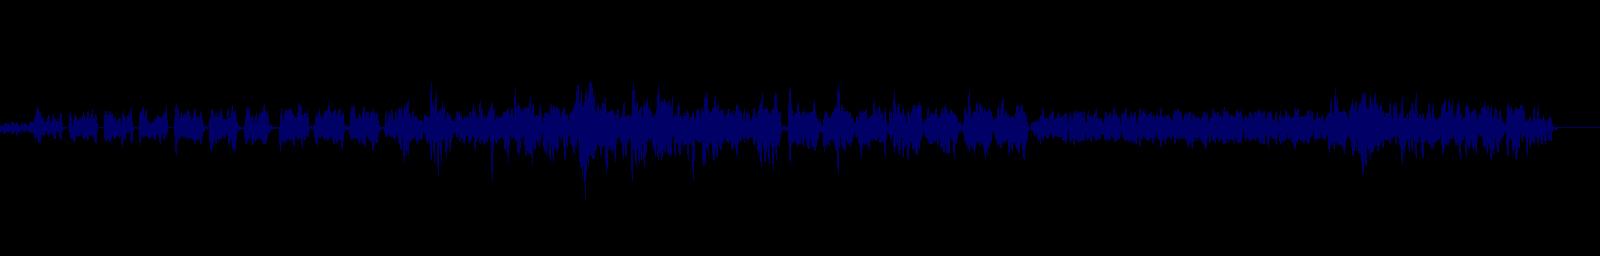 waveform of track #93956